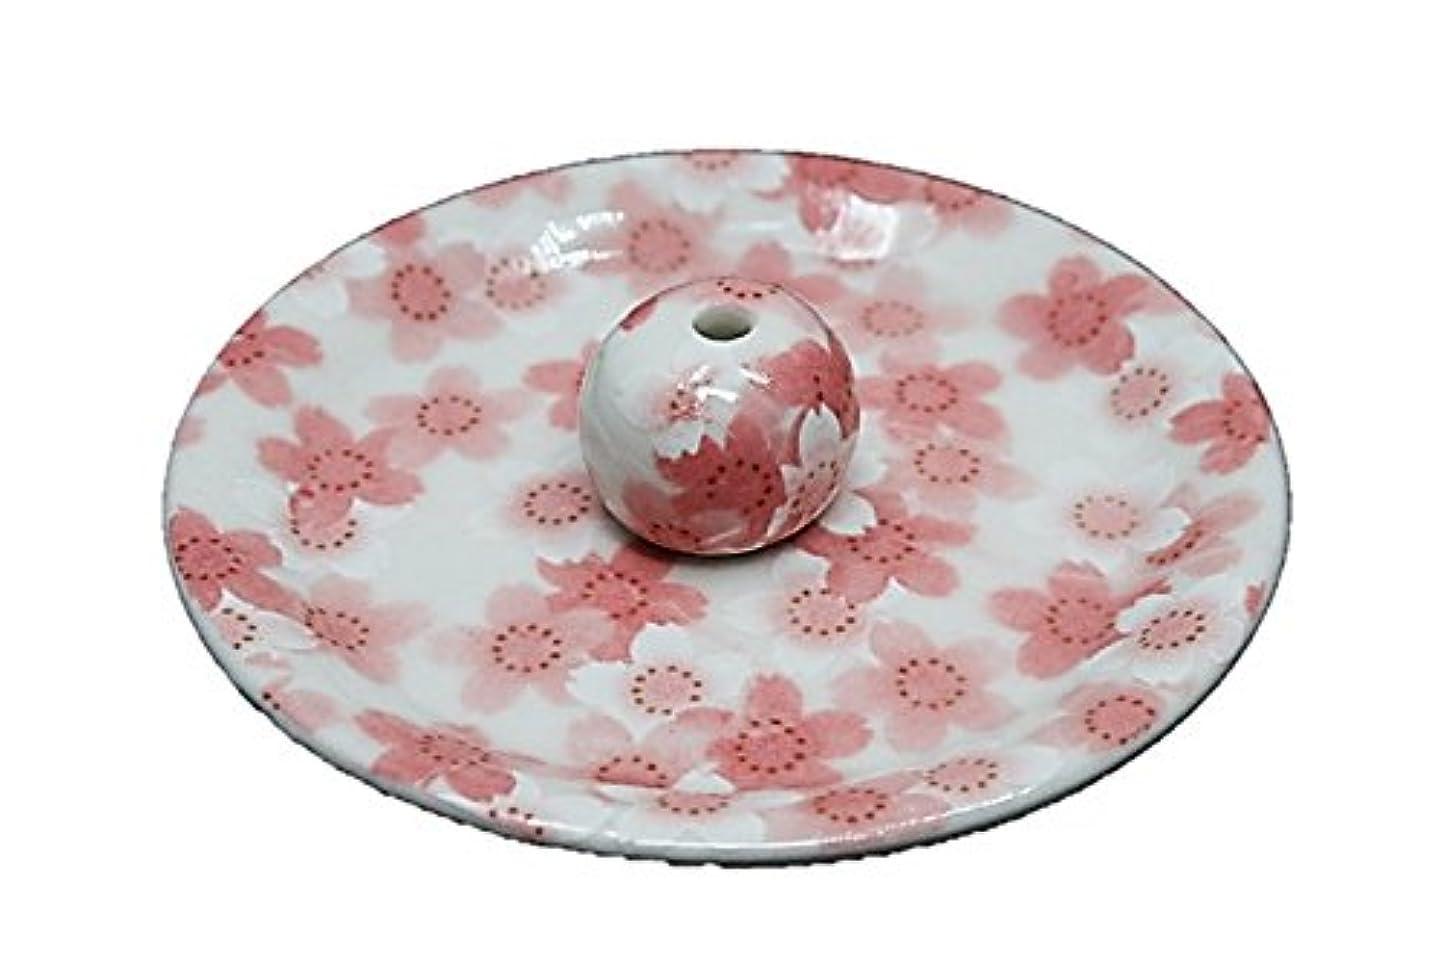 誤解させる作動する考慮9-21 満開桜 9cm香皿 お香立て お香たて 陶器 日本製 製造?直売品